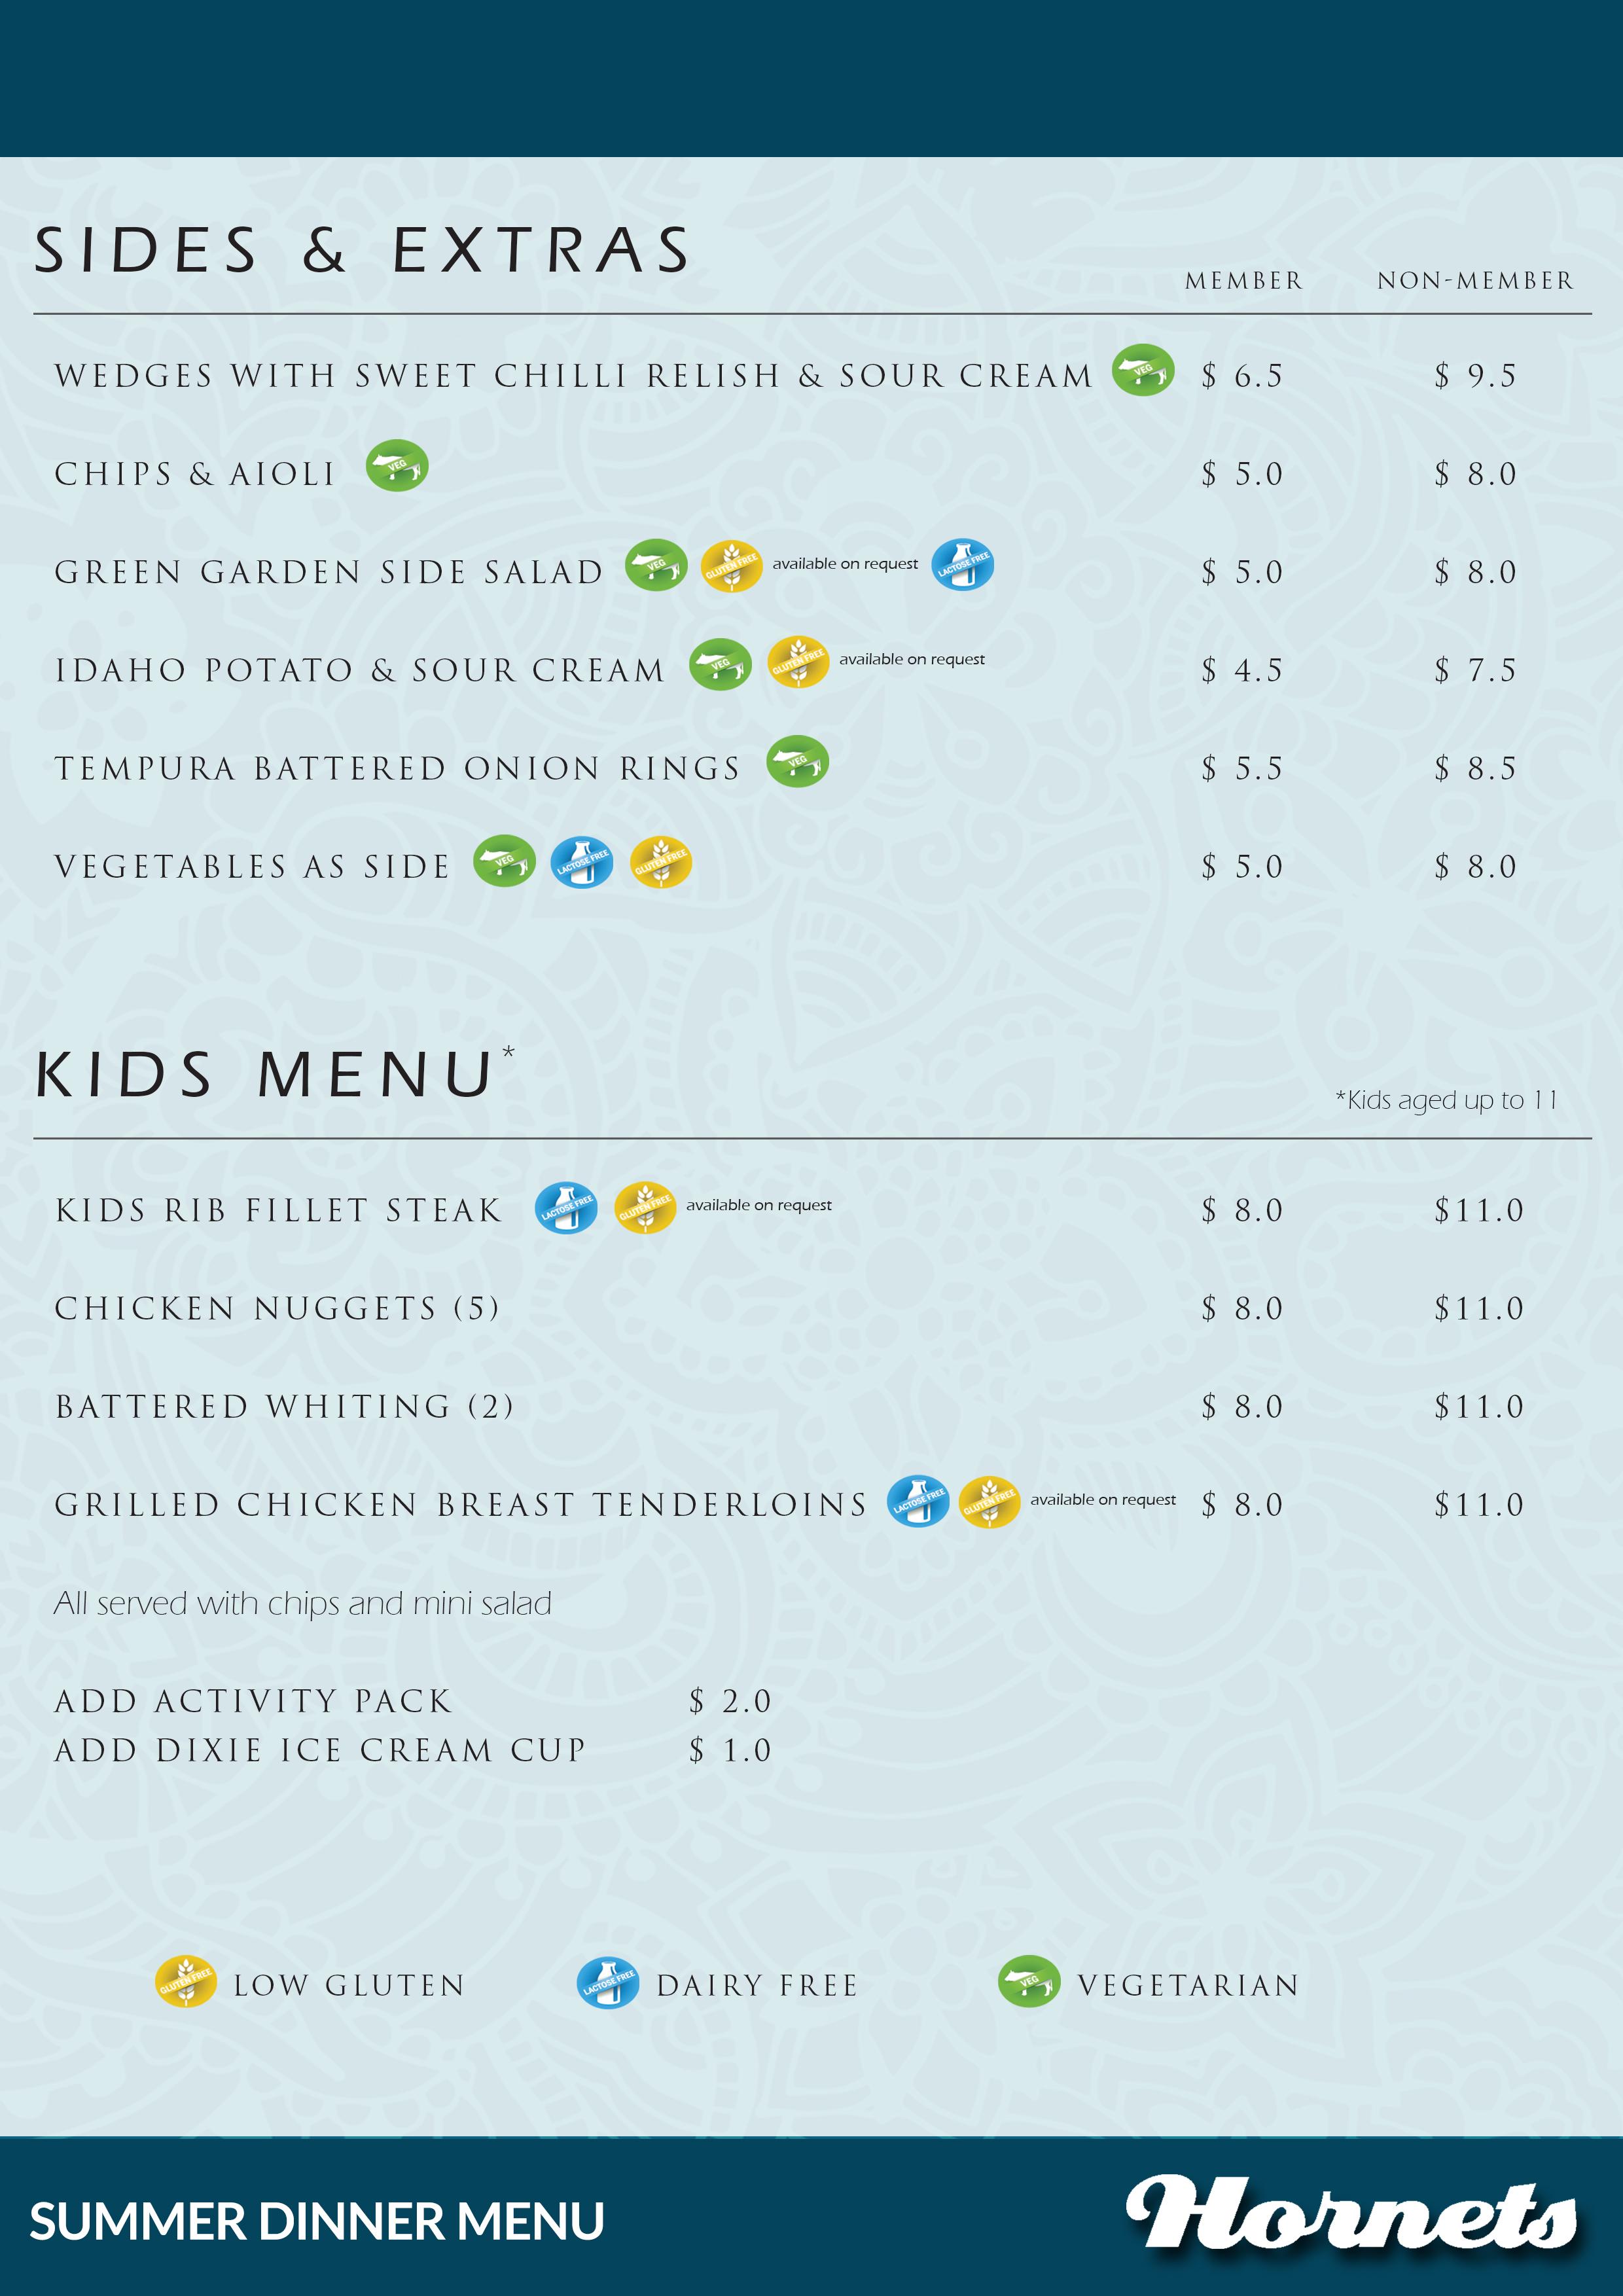 Dinner Menu December 2016 - Sides & kids